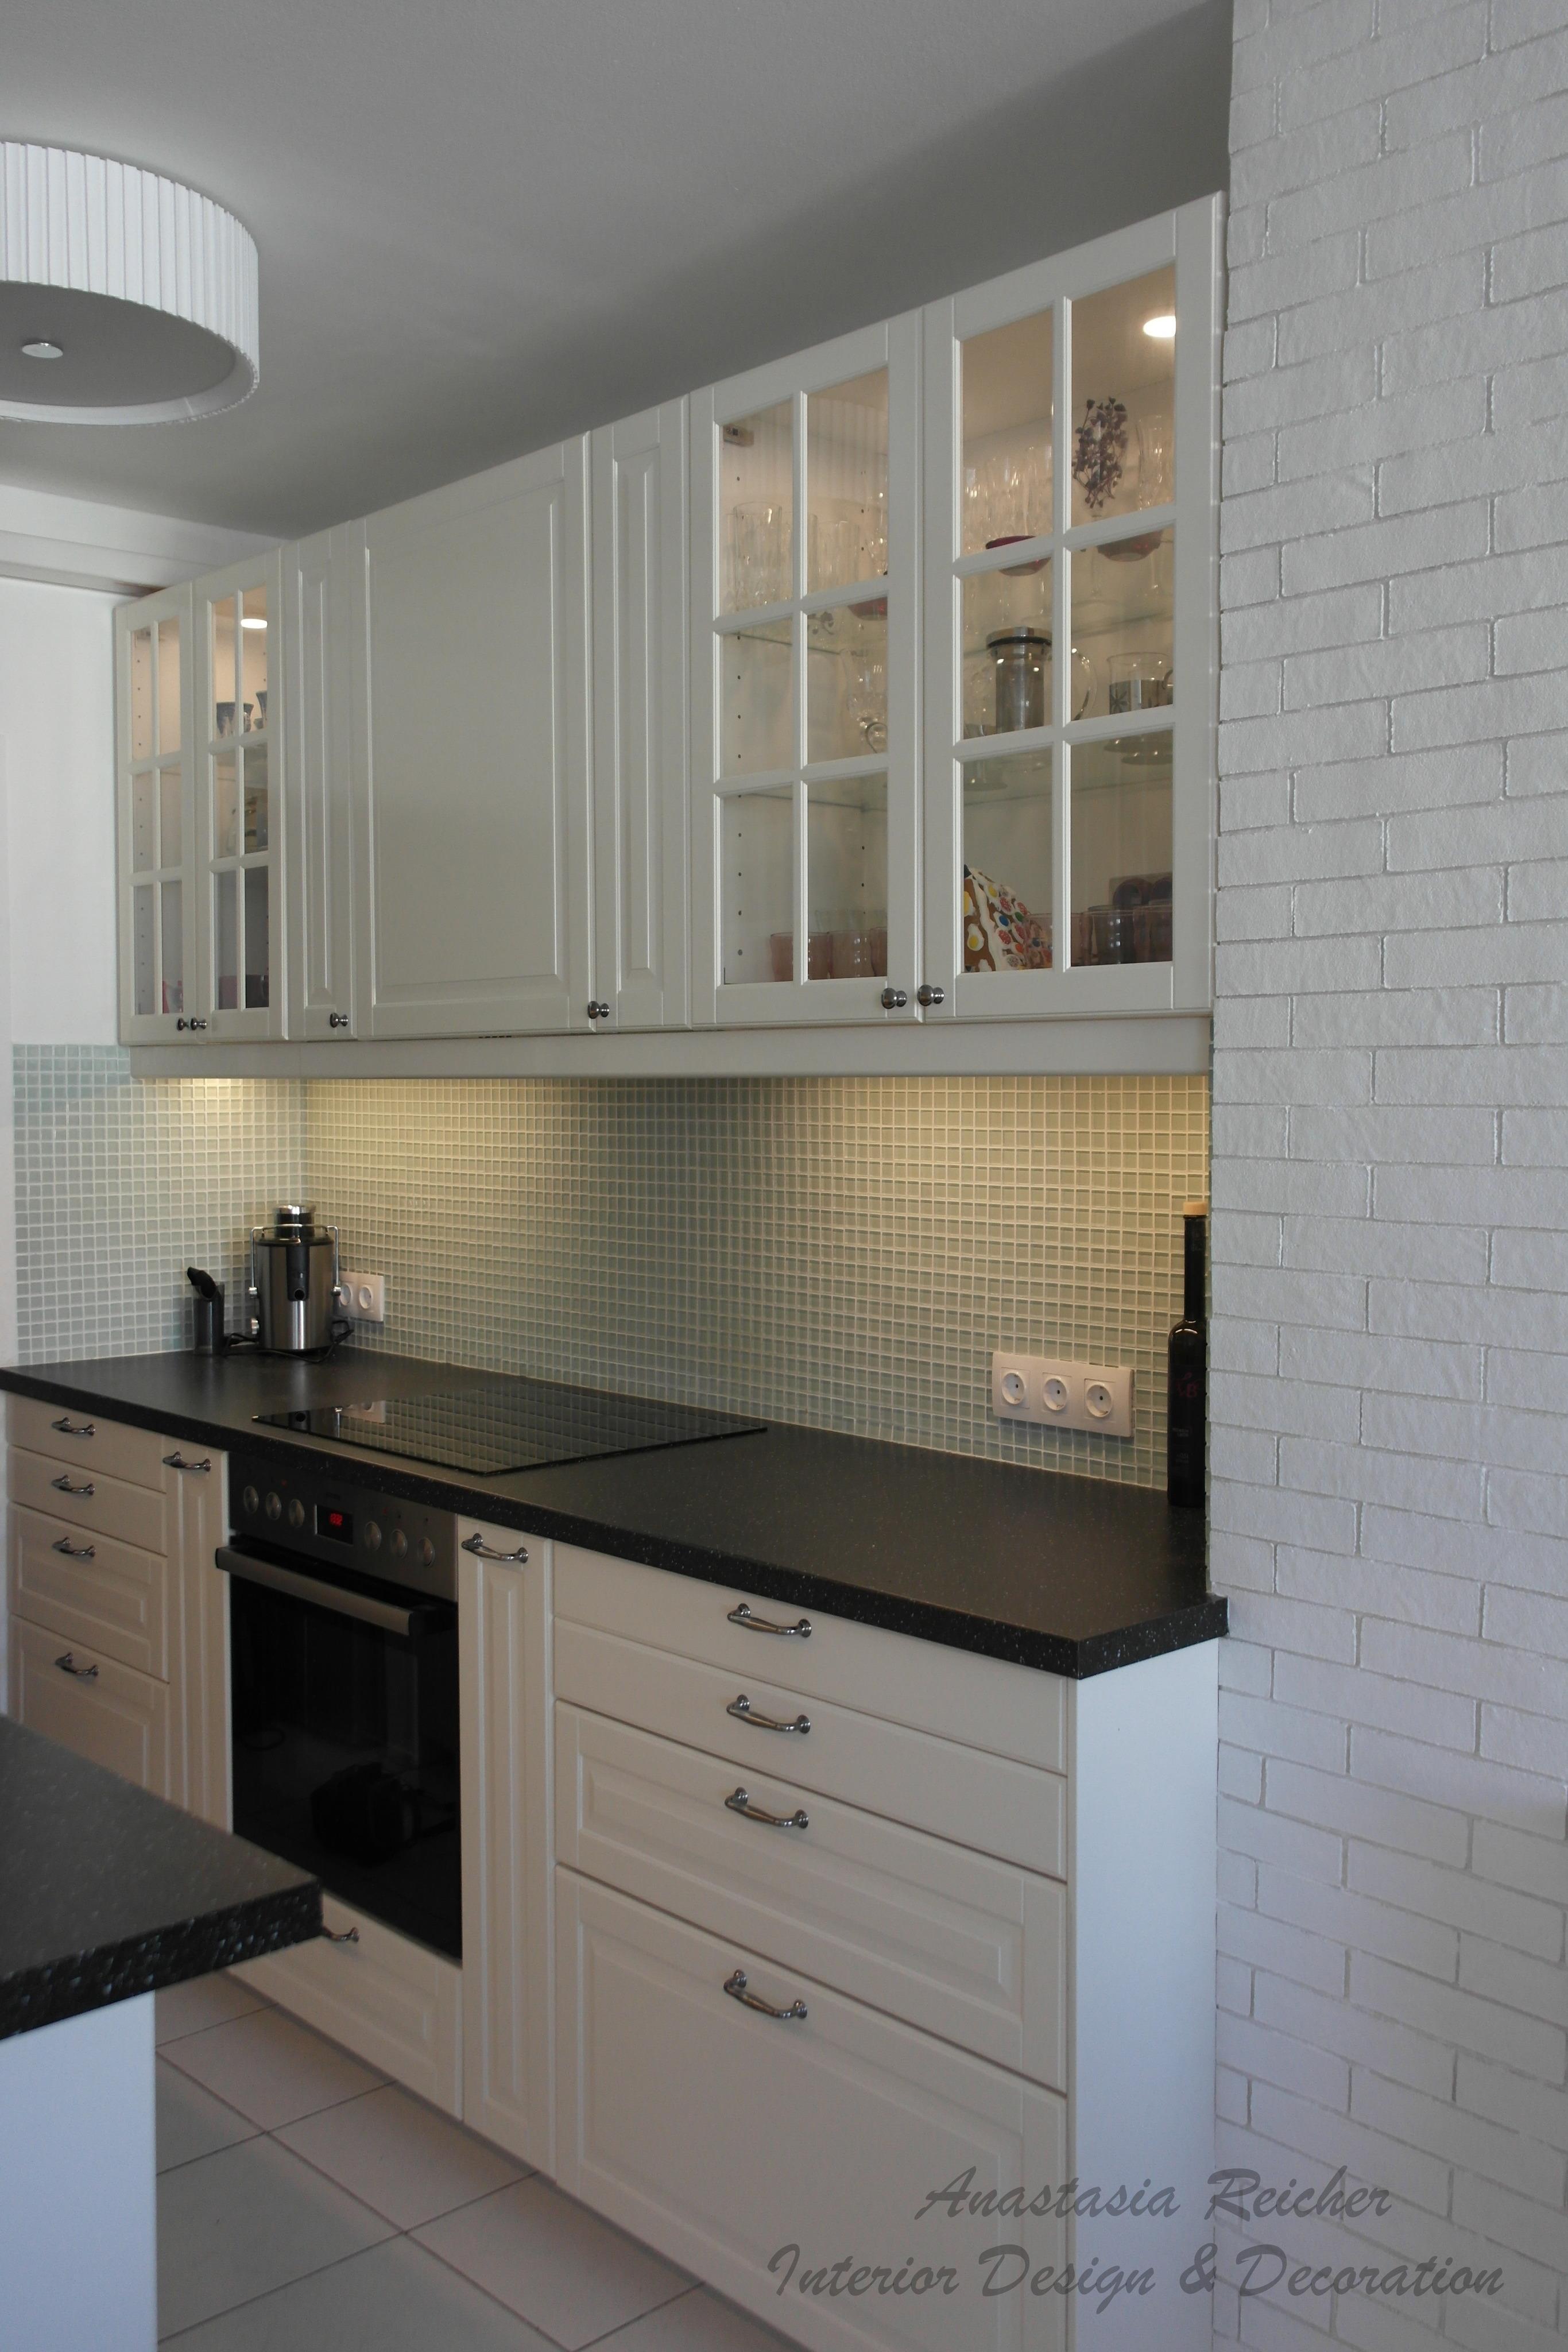 Kleine küchen beispiele  Kleine Küchen • Bilder & Ideen • COUCHstyle